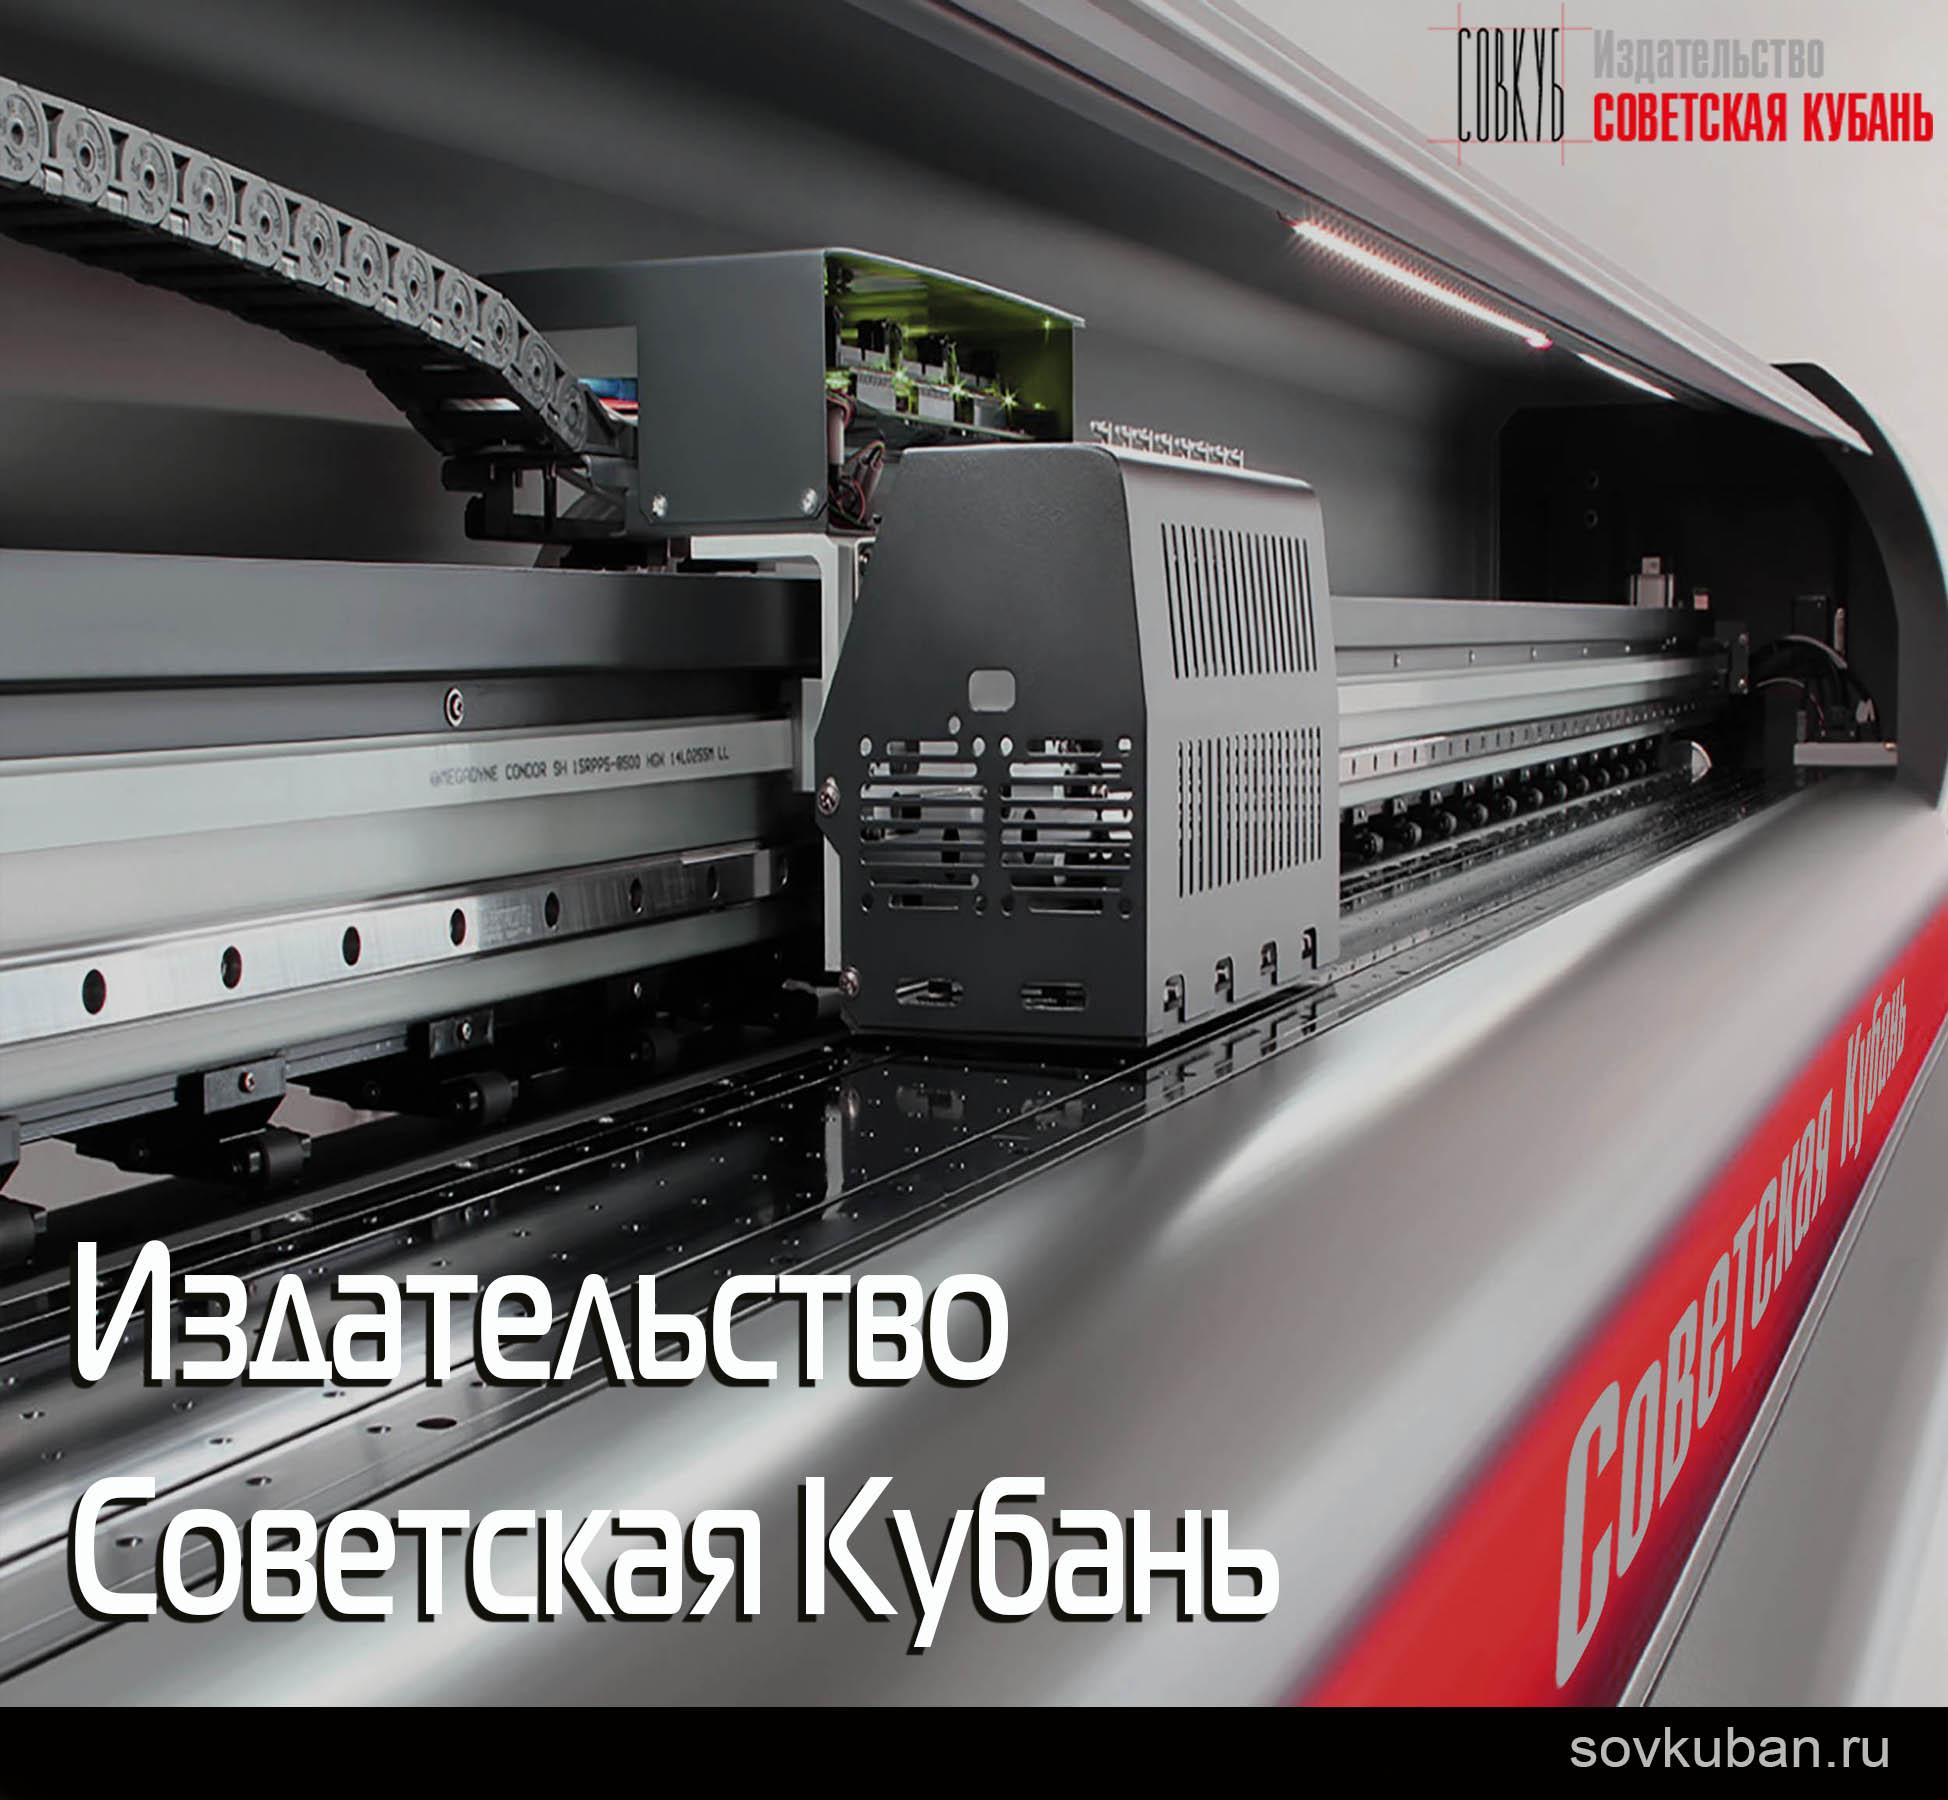 Издательство Советская Кубань